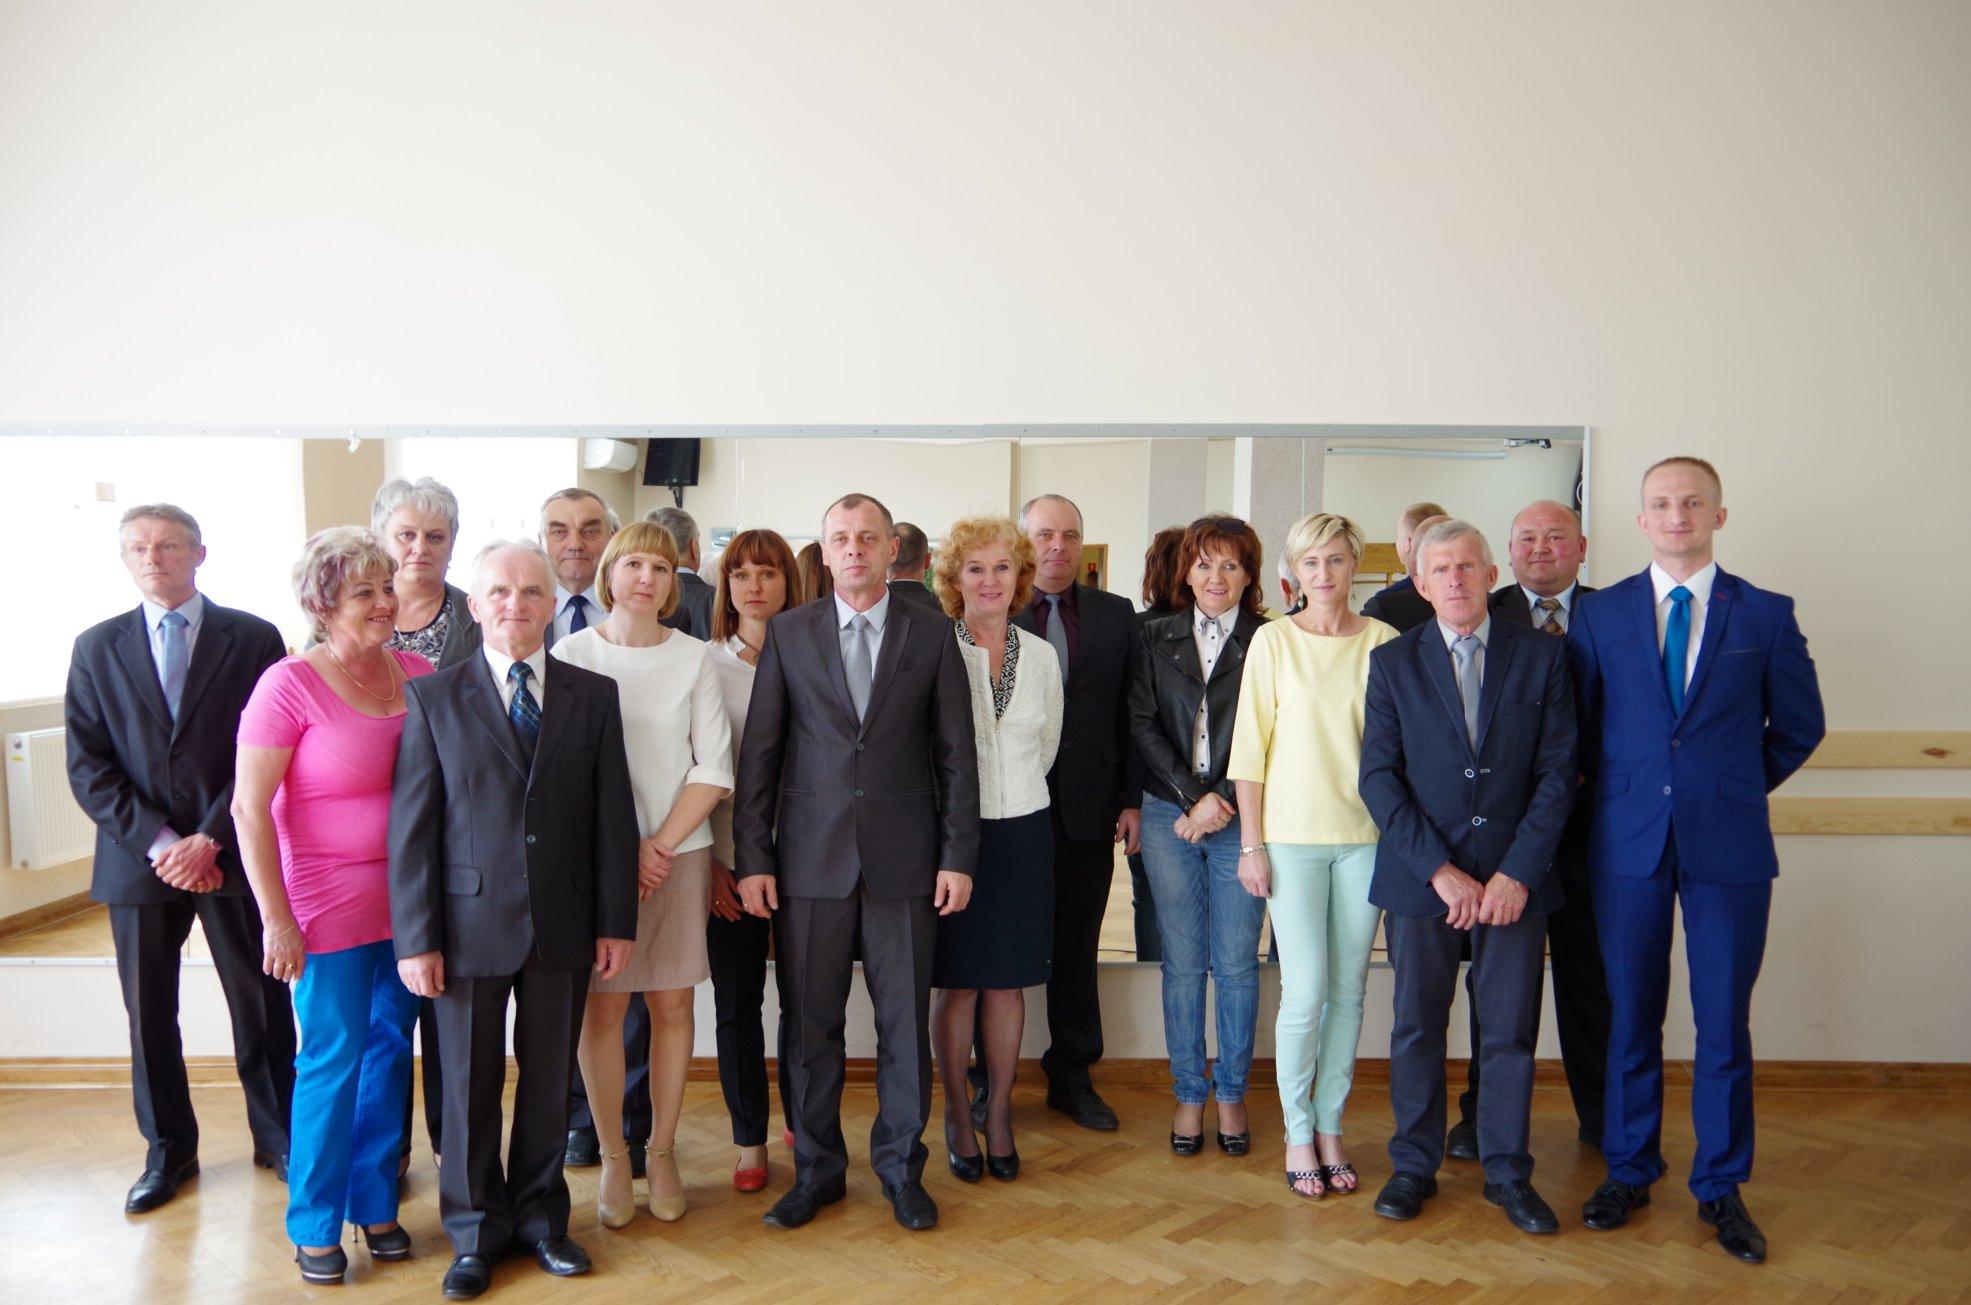 IX Sesja RG Sedziejowice 8 maj 2015 - 65